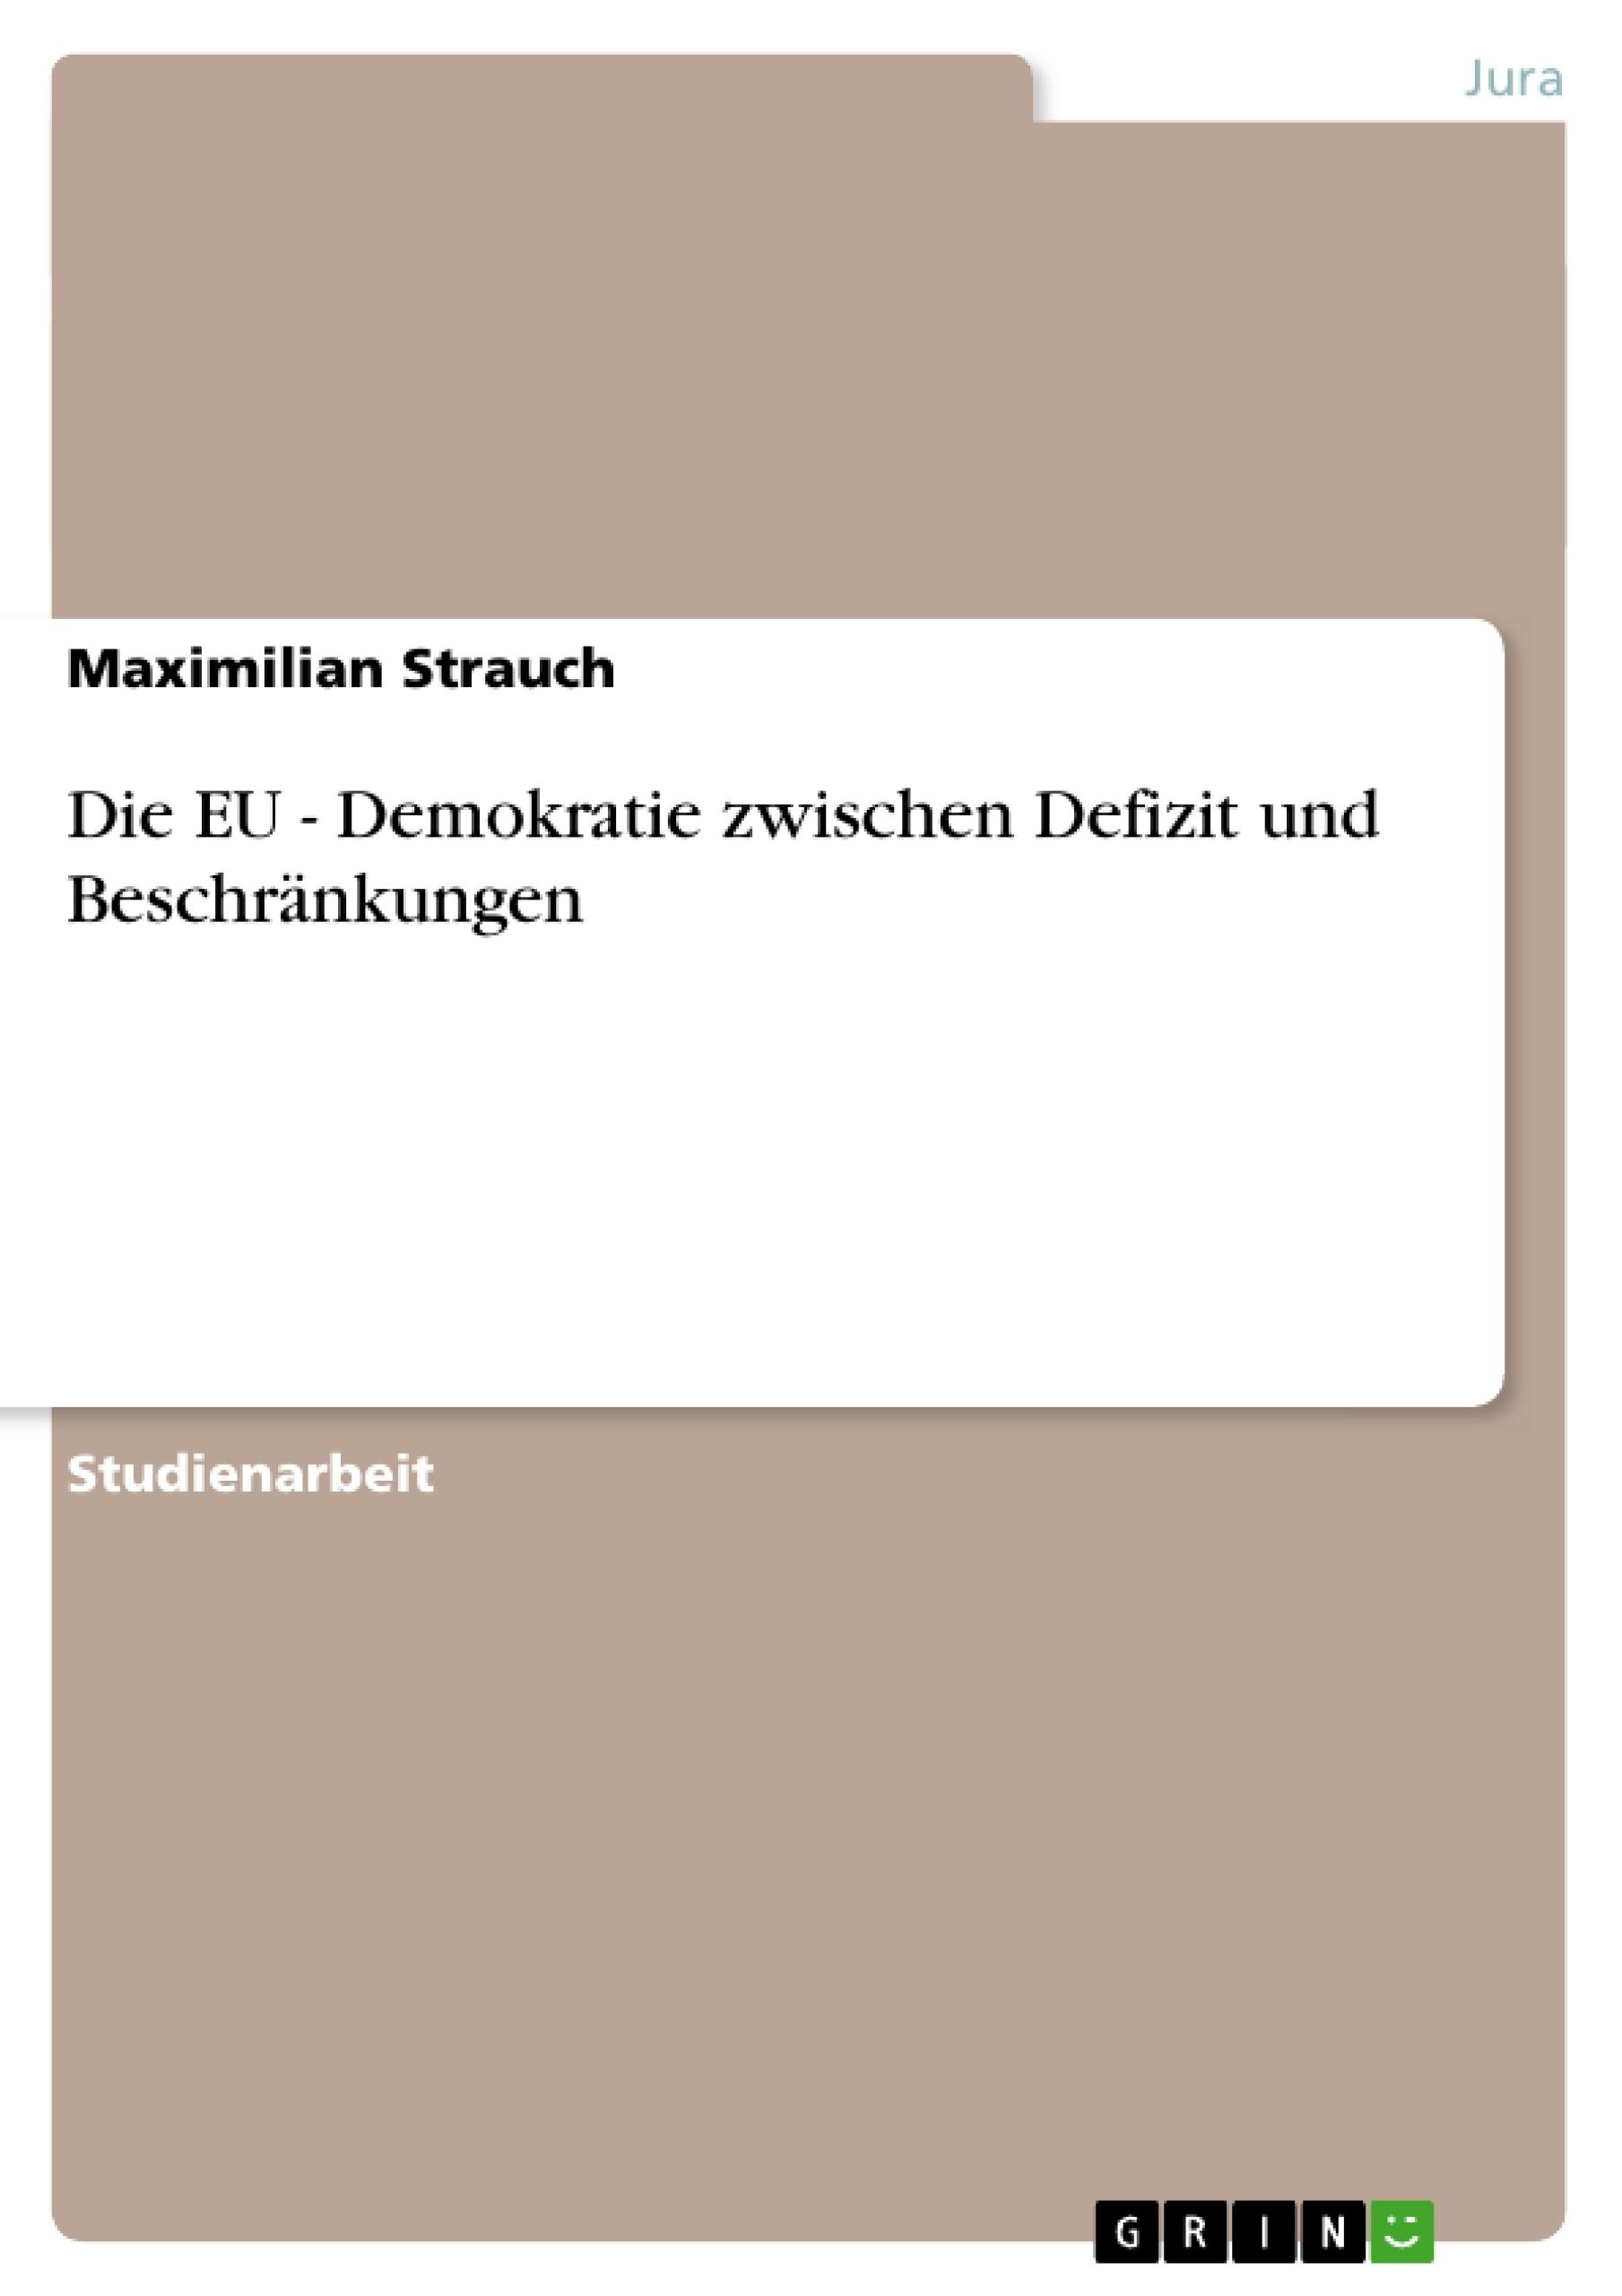 Titel: Die EU - Demokratie zwischen Defizit und Beschränkungen